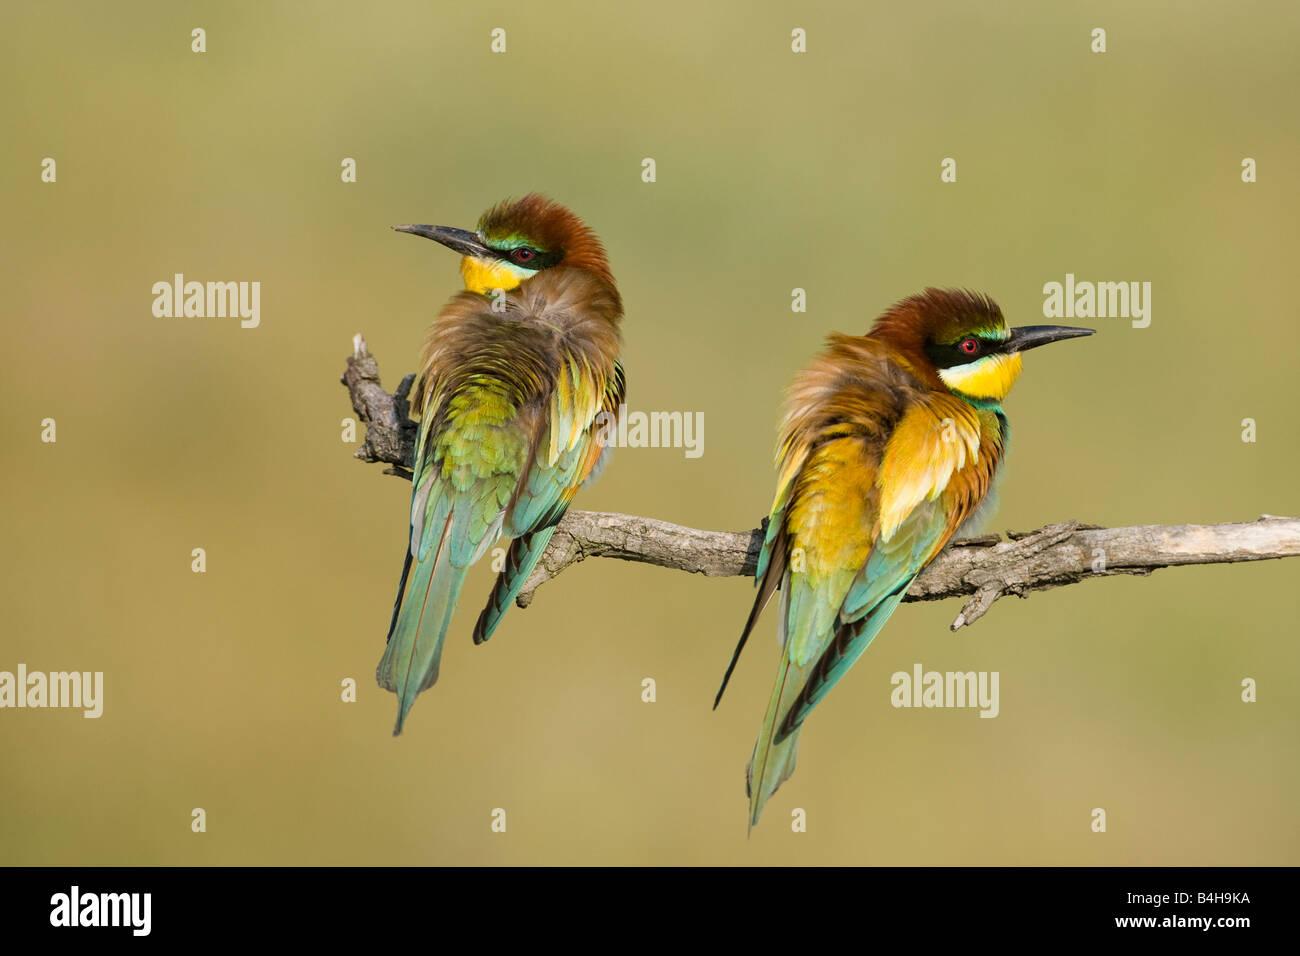 Close-up de dos europeos abejarucos (Merops apiaster) donde se posan en la rama, Hungría Foto de stock